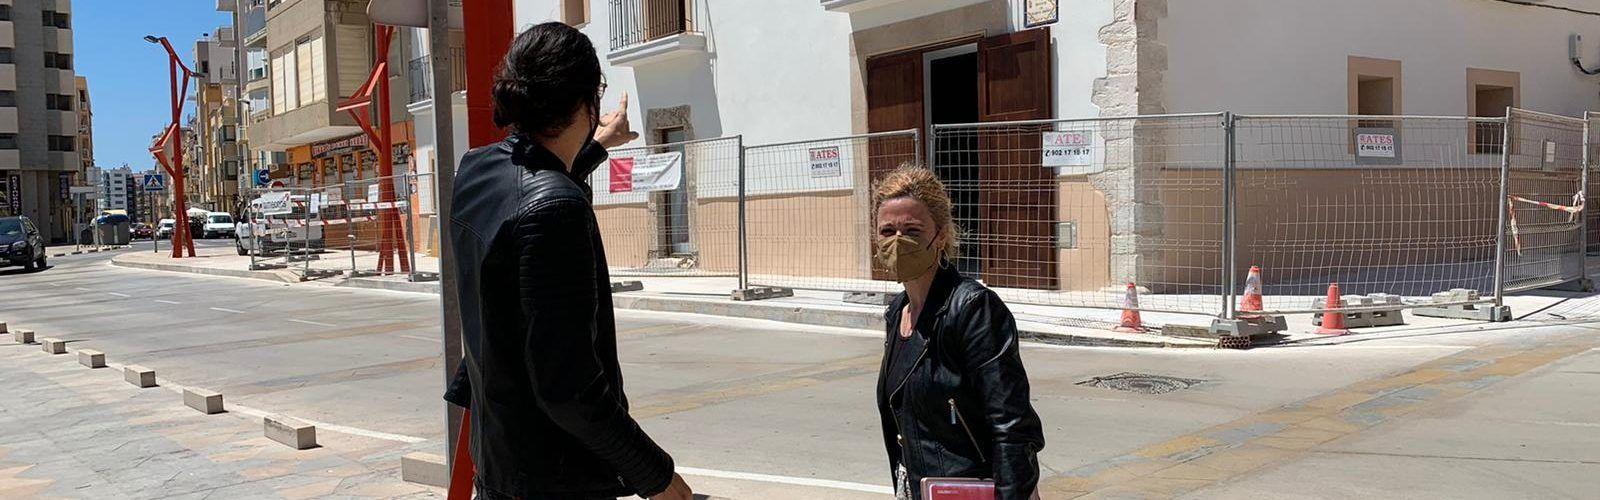 La Diputació secunda amb 11.300 euros les Tourist Info de Benicarló i Vinaròs per a millorar servei i atenció